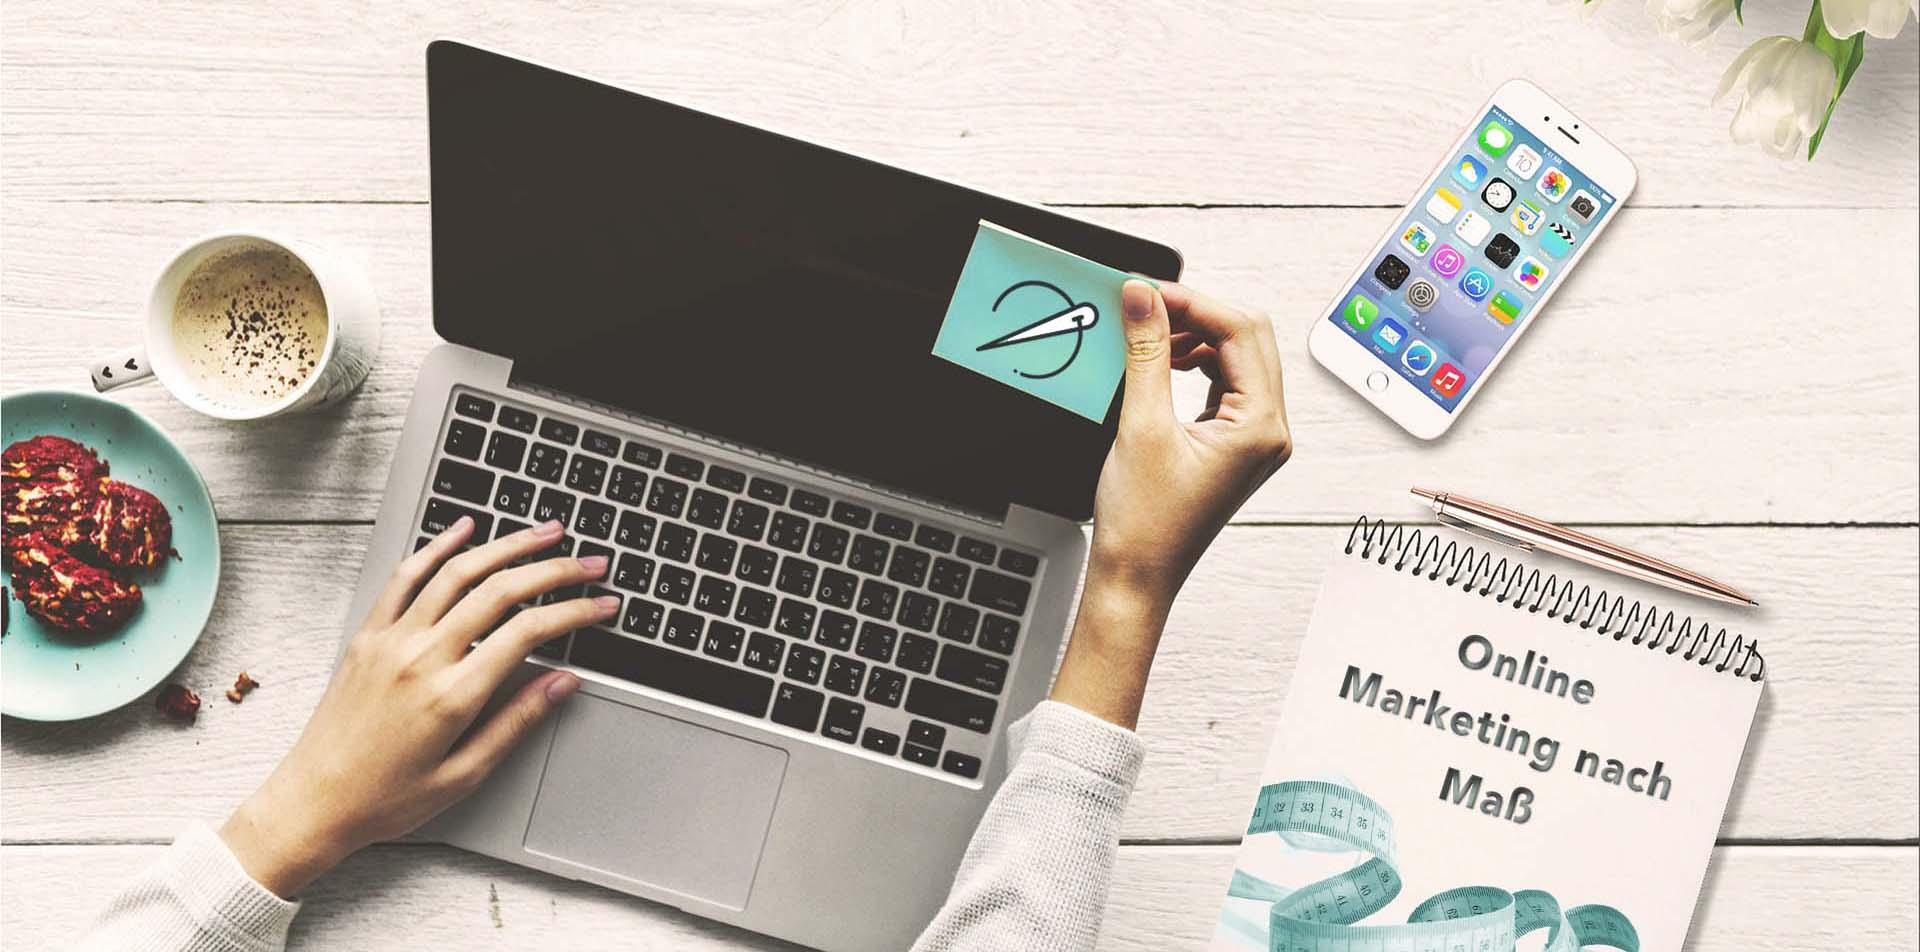 Onlinerei - Hier entsteht Online Marketing nach Maß